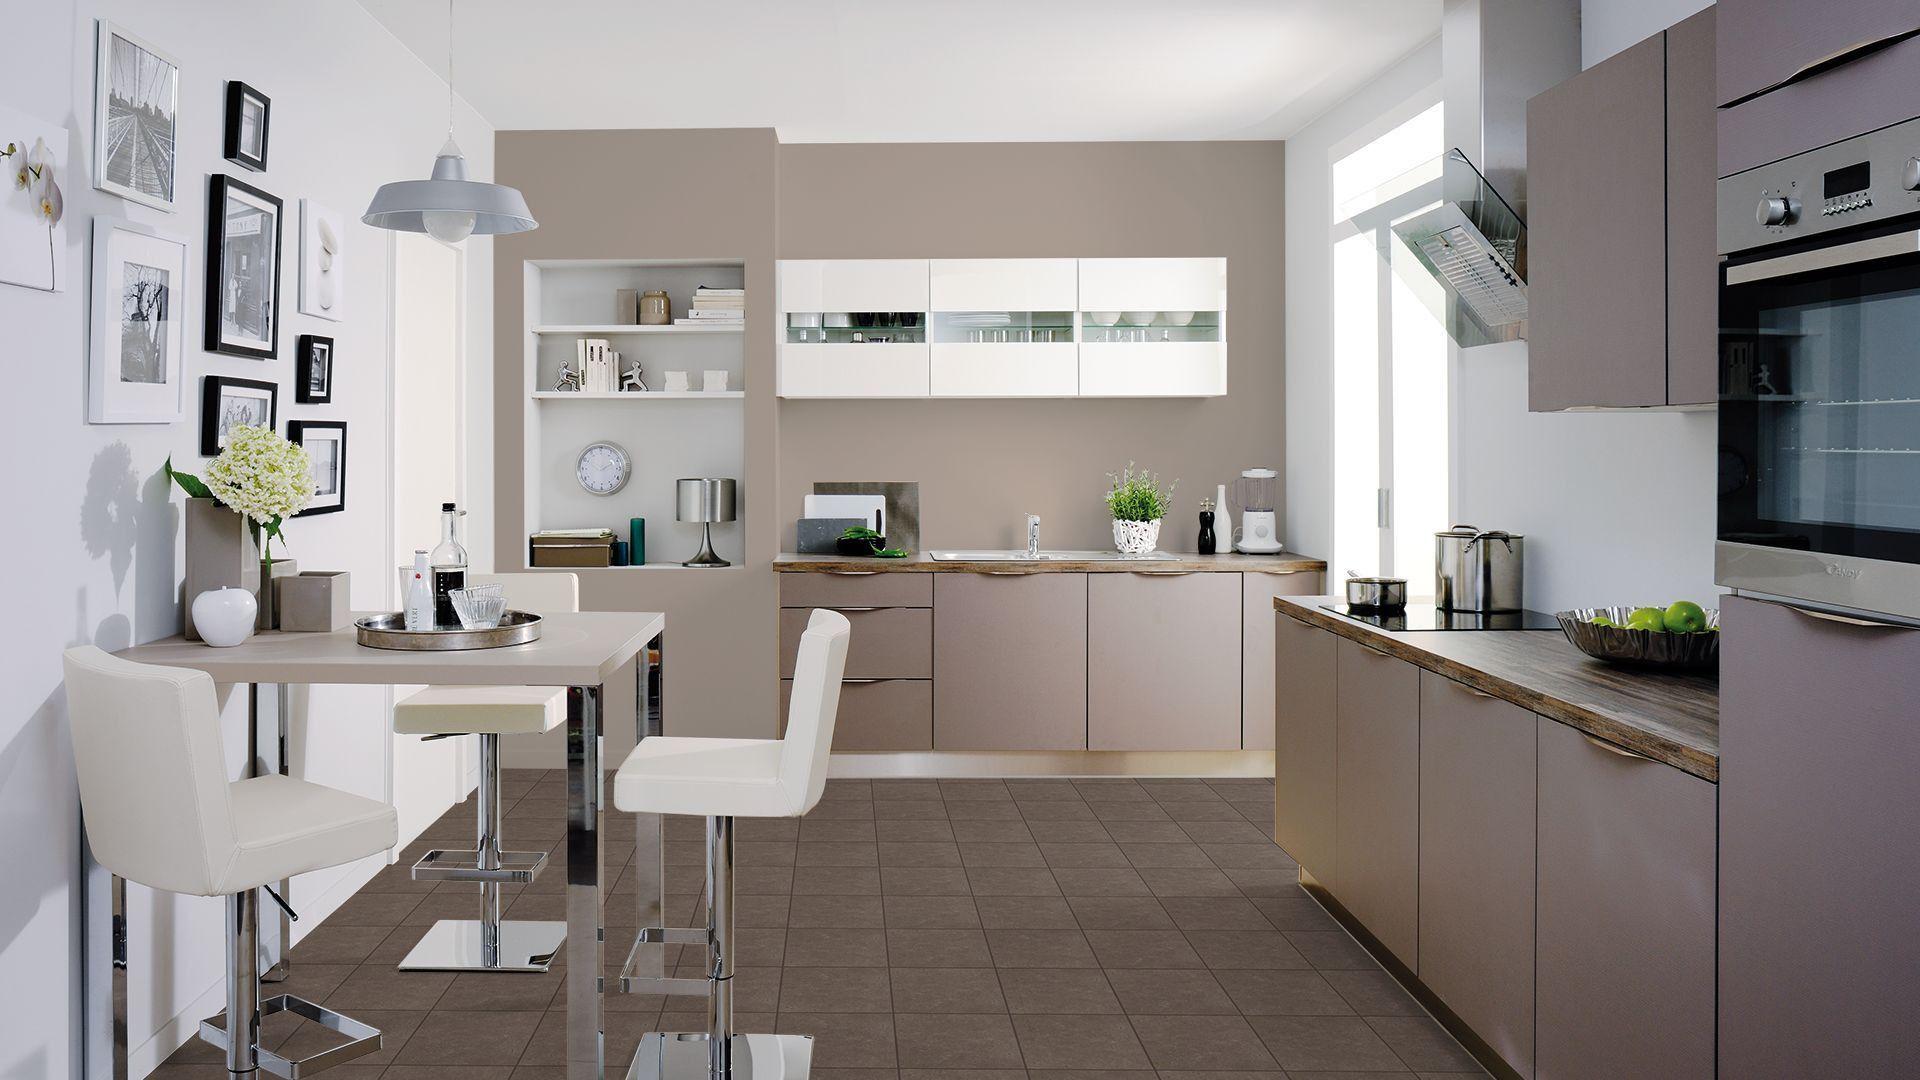 37+ Exemple de couleur de peinture pour cuisine ideas in 2021